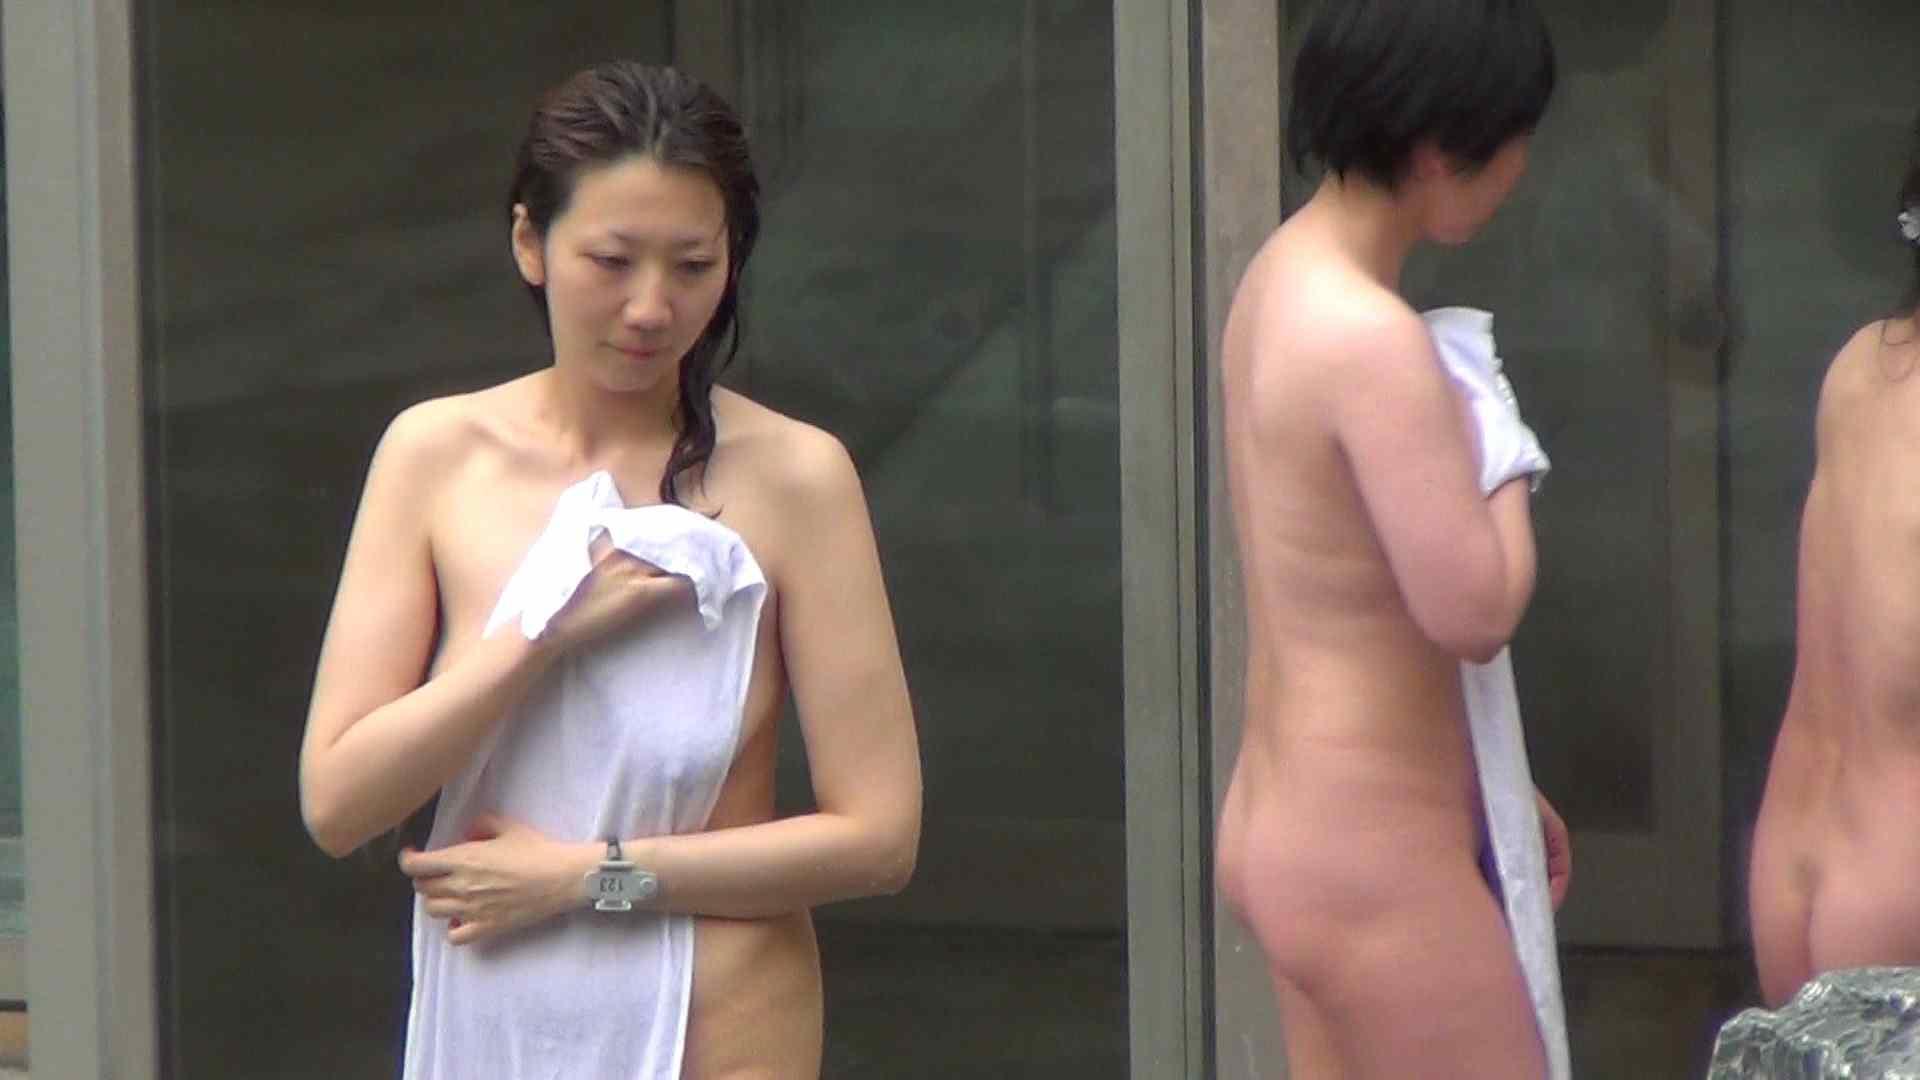 ハイビジョンVol.1  美女盛り合わせ No.1 美女  88pic 13